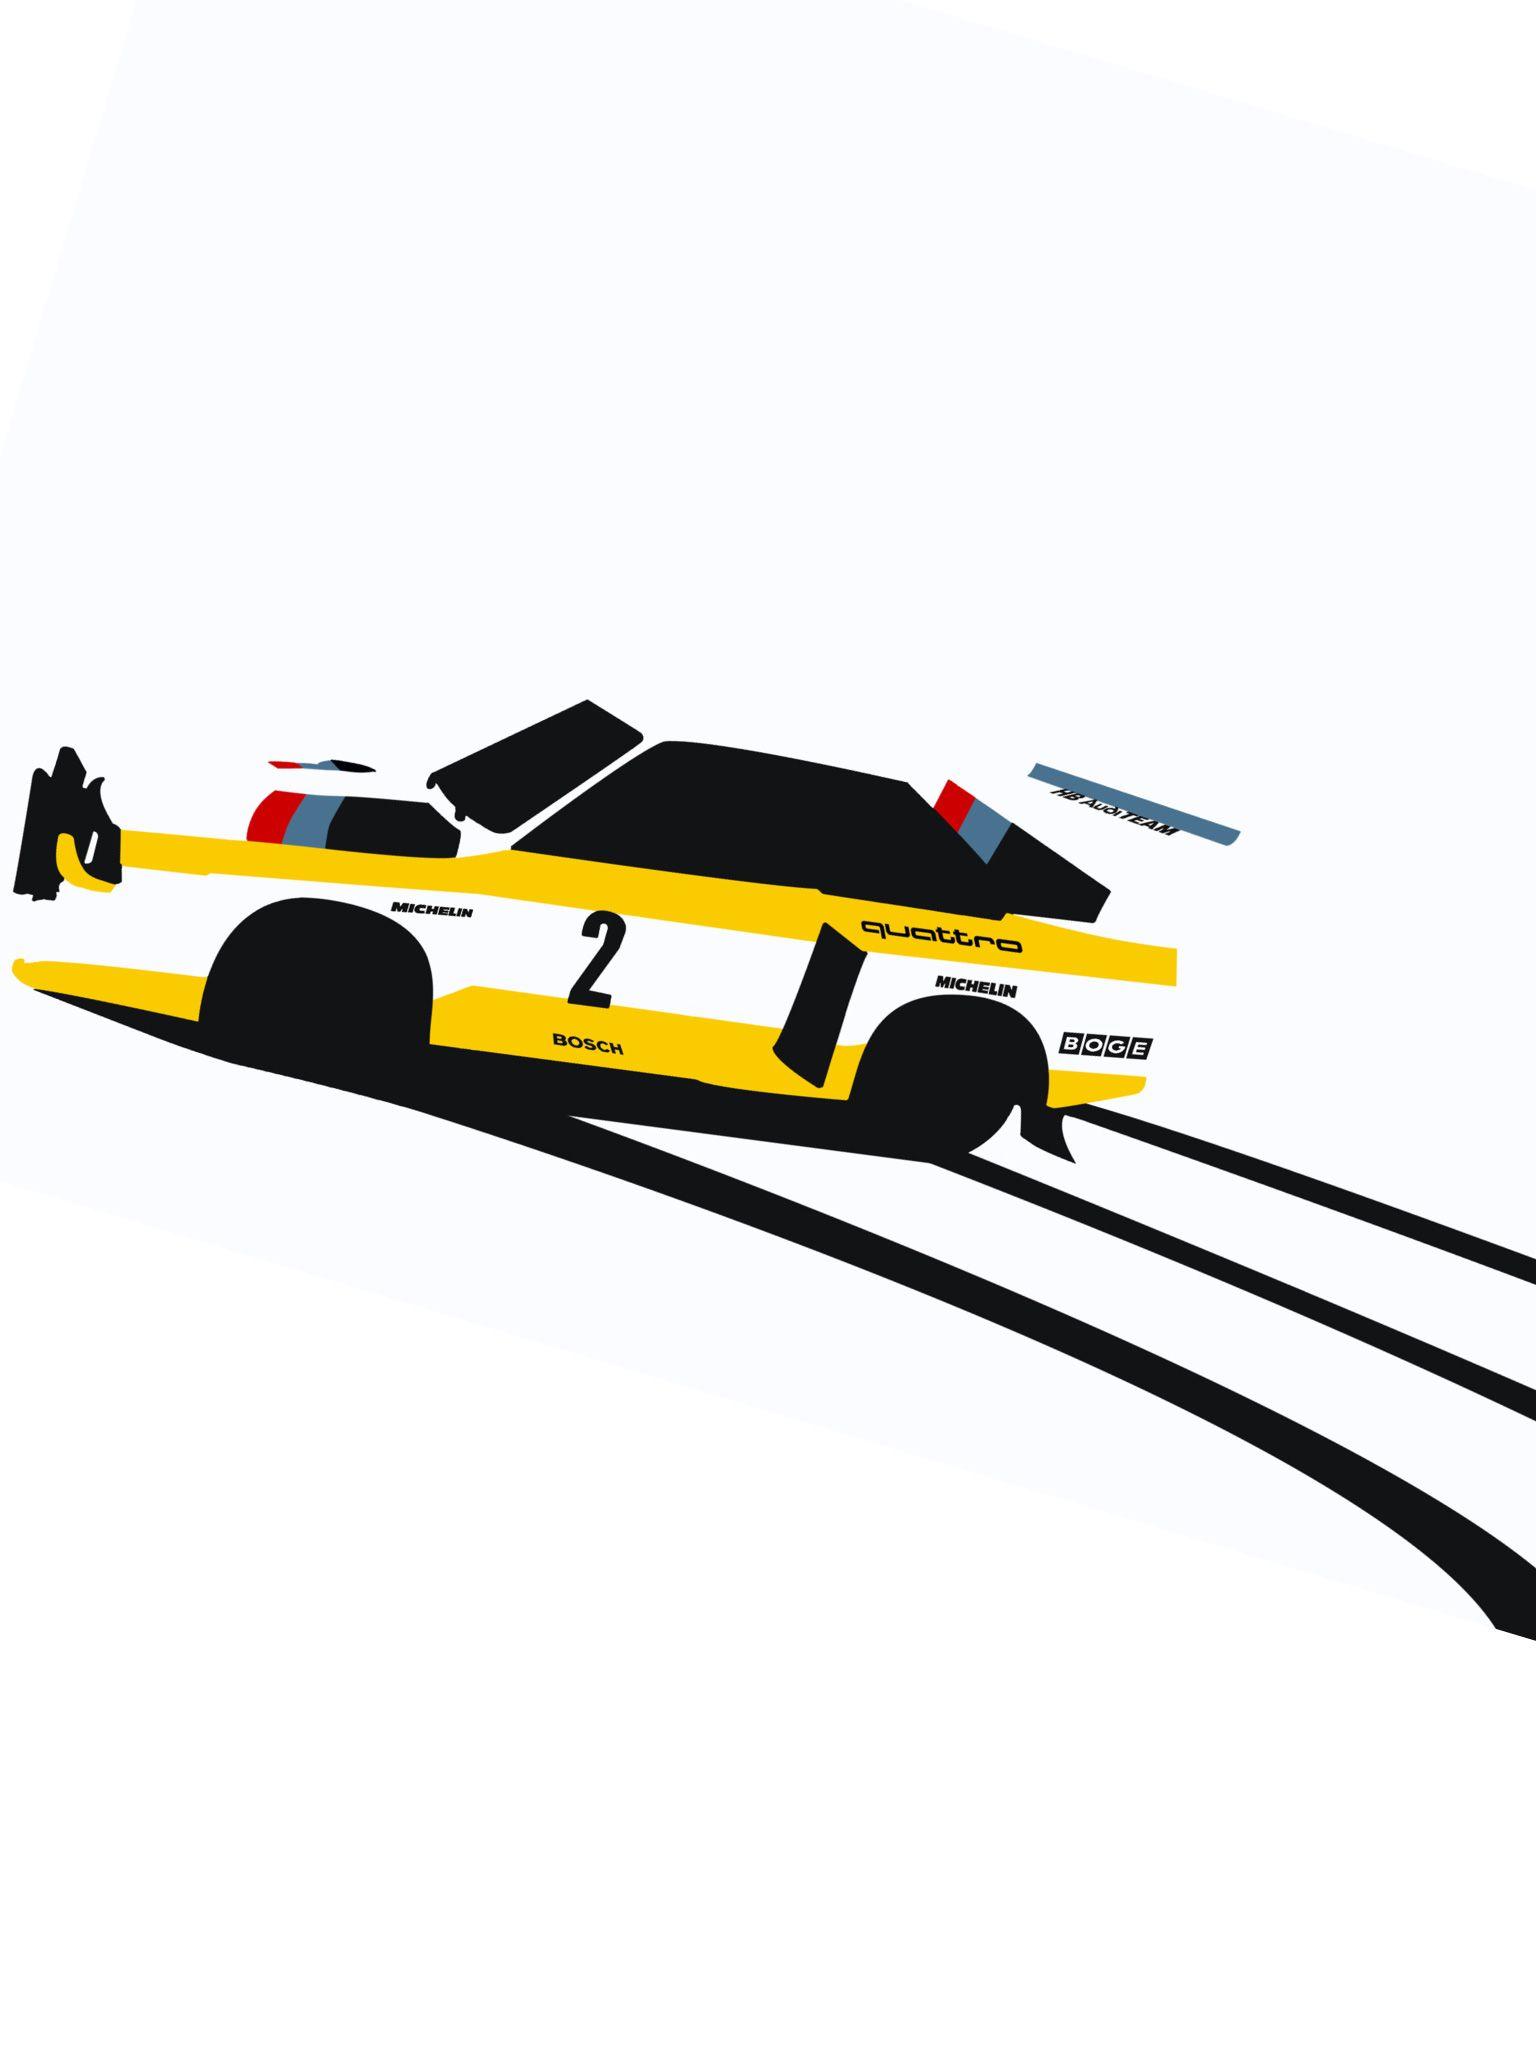 Audi Quattro S1 Wallpaper Art Cars Car Illustration Audi Quattro